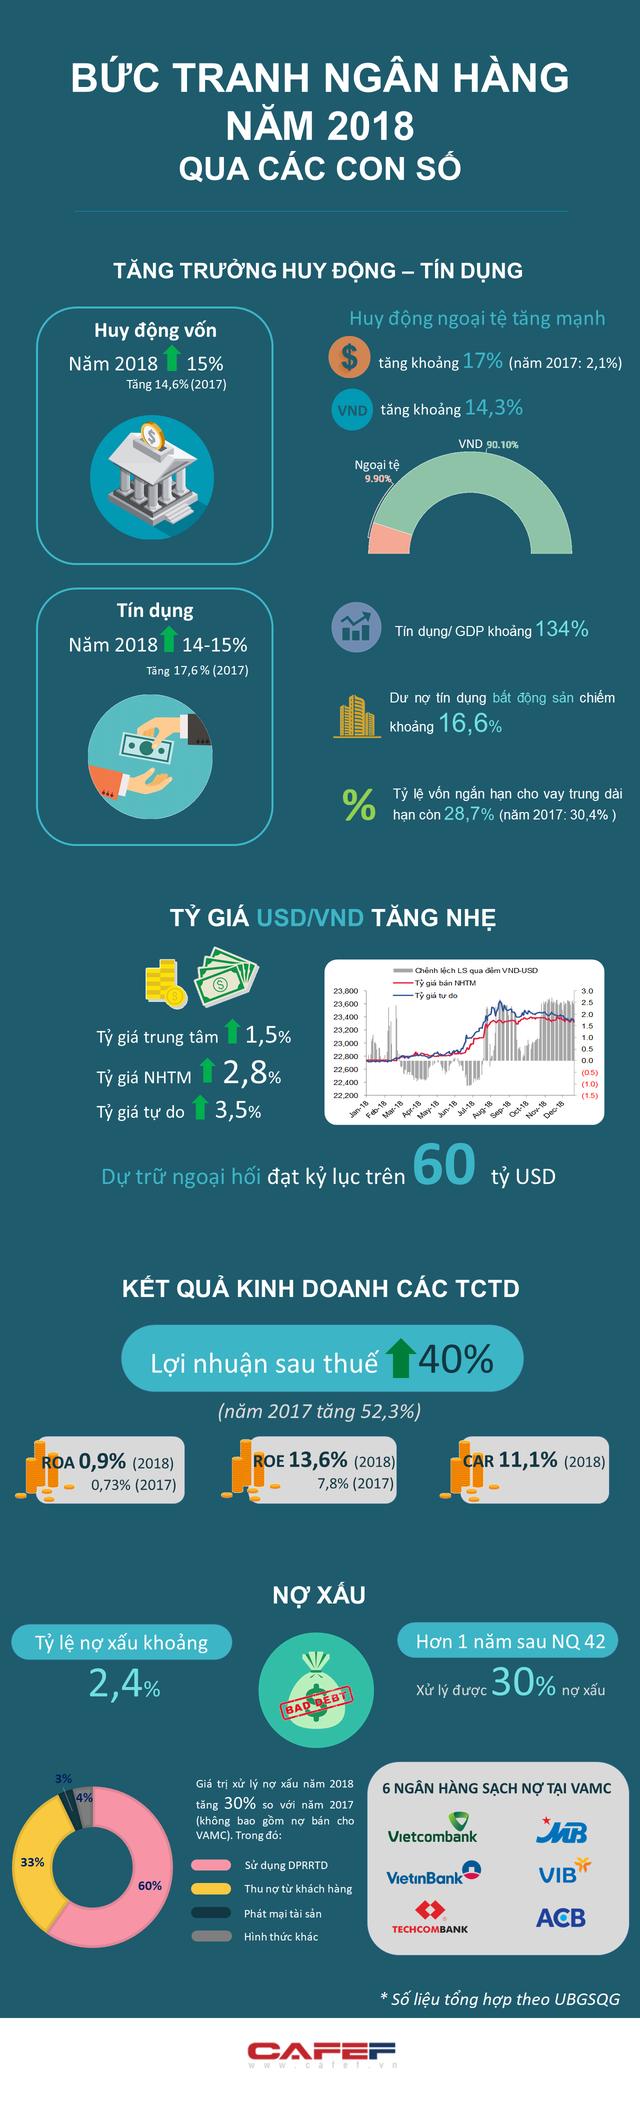 [Infographic] Bức tranh ngân hàng năm 2018 qua các con số - Ảnh 1.